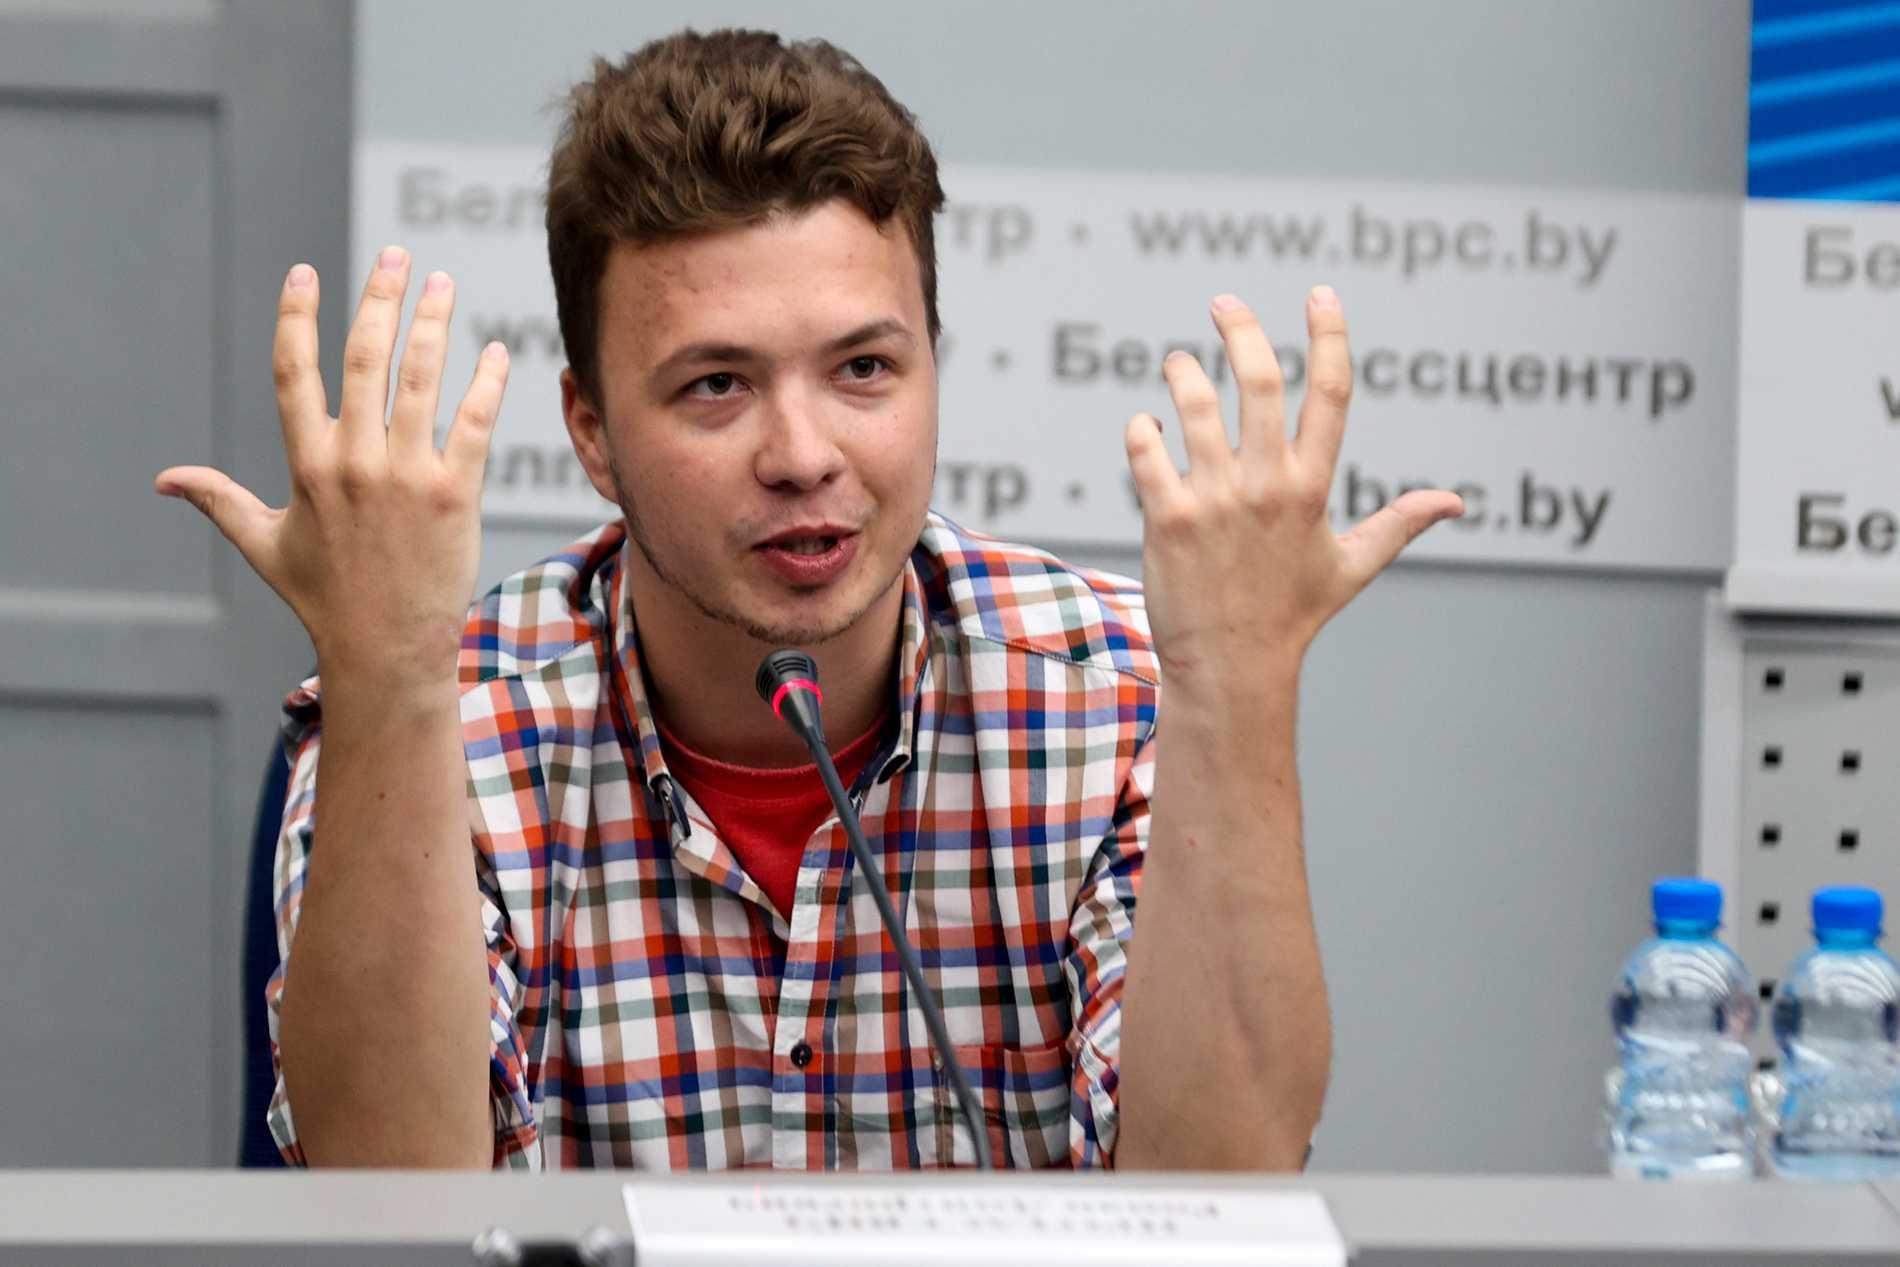 """Den fängslade belarusiske journalisten Roman Protasevitj har åter visats upp på """"presskonferens"""" i huvudstaden Minsk."""